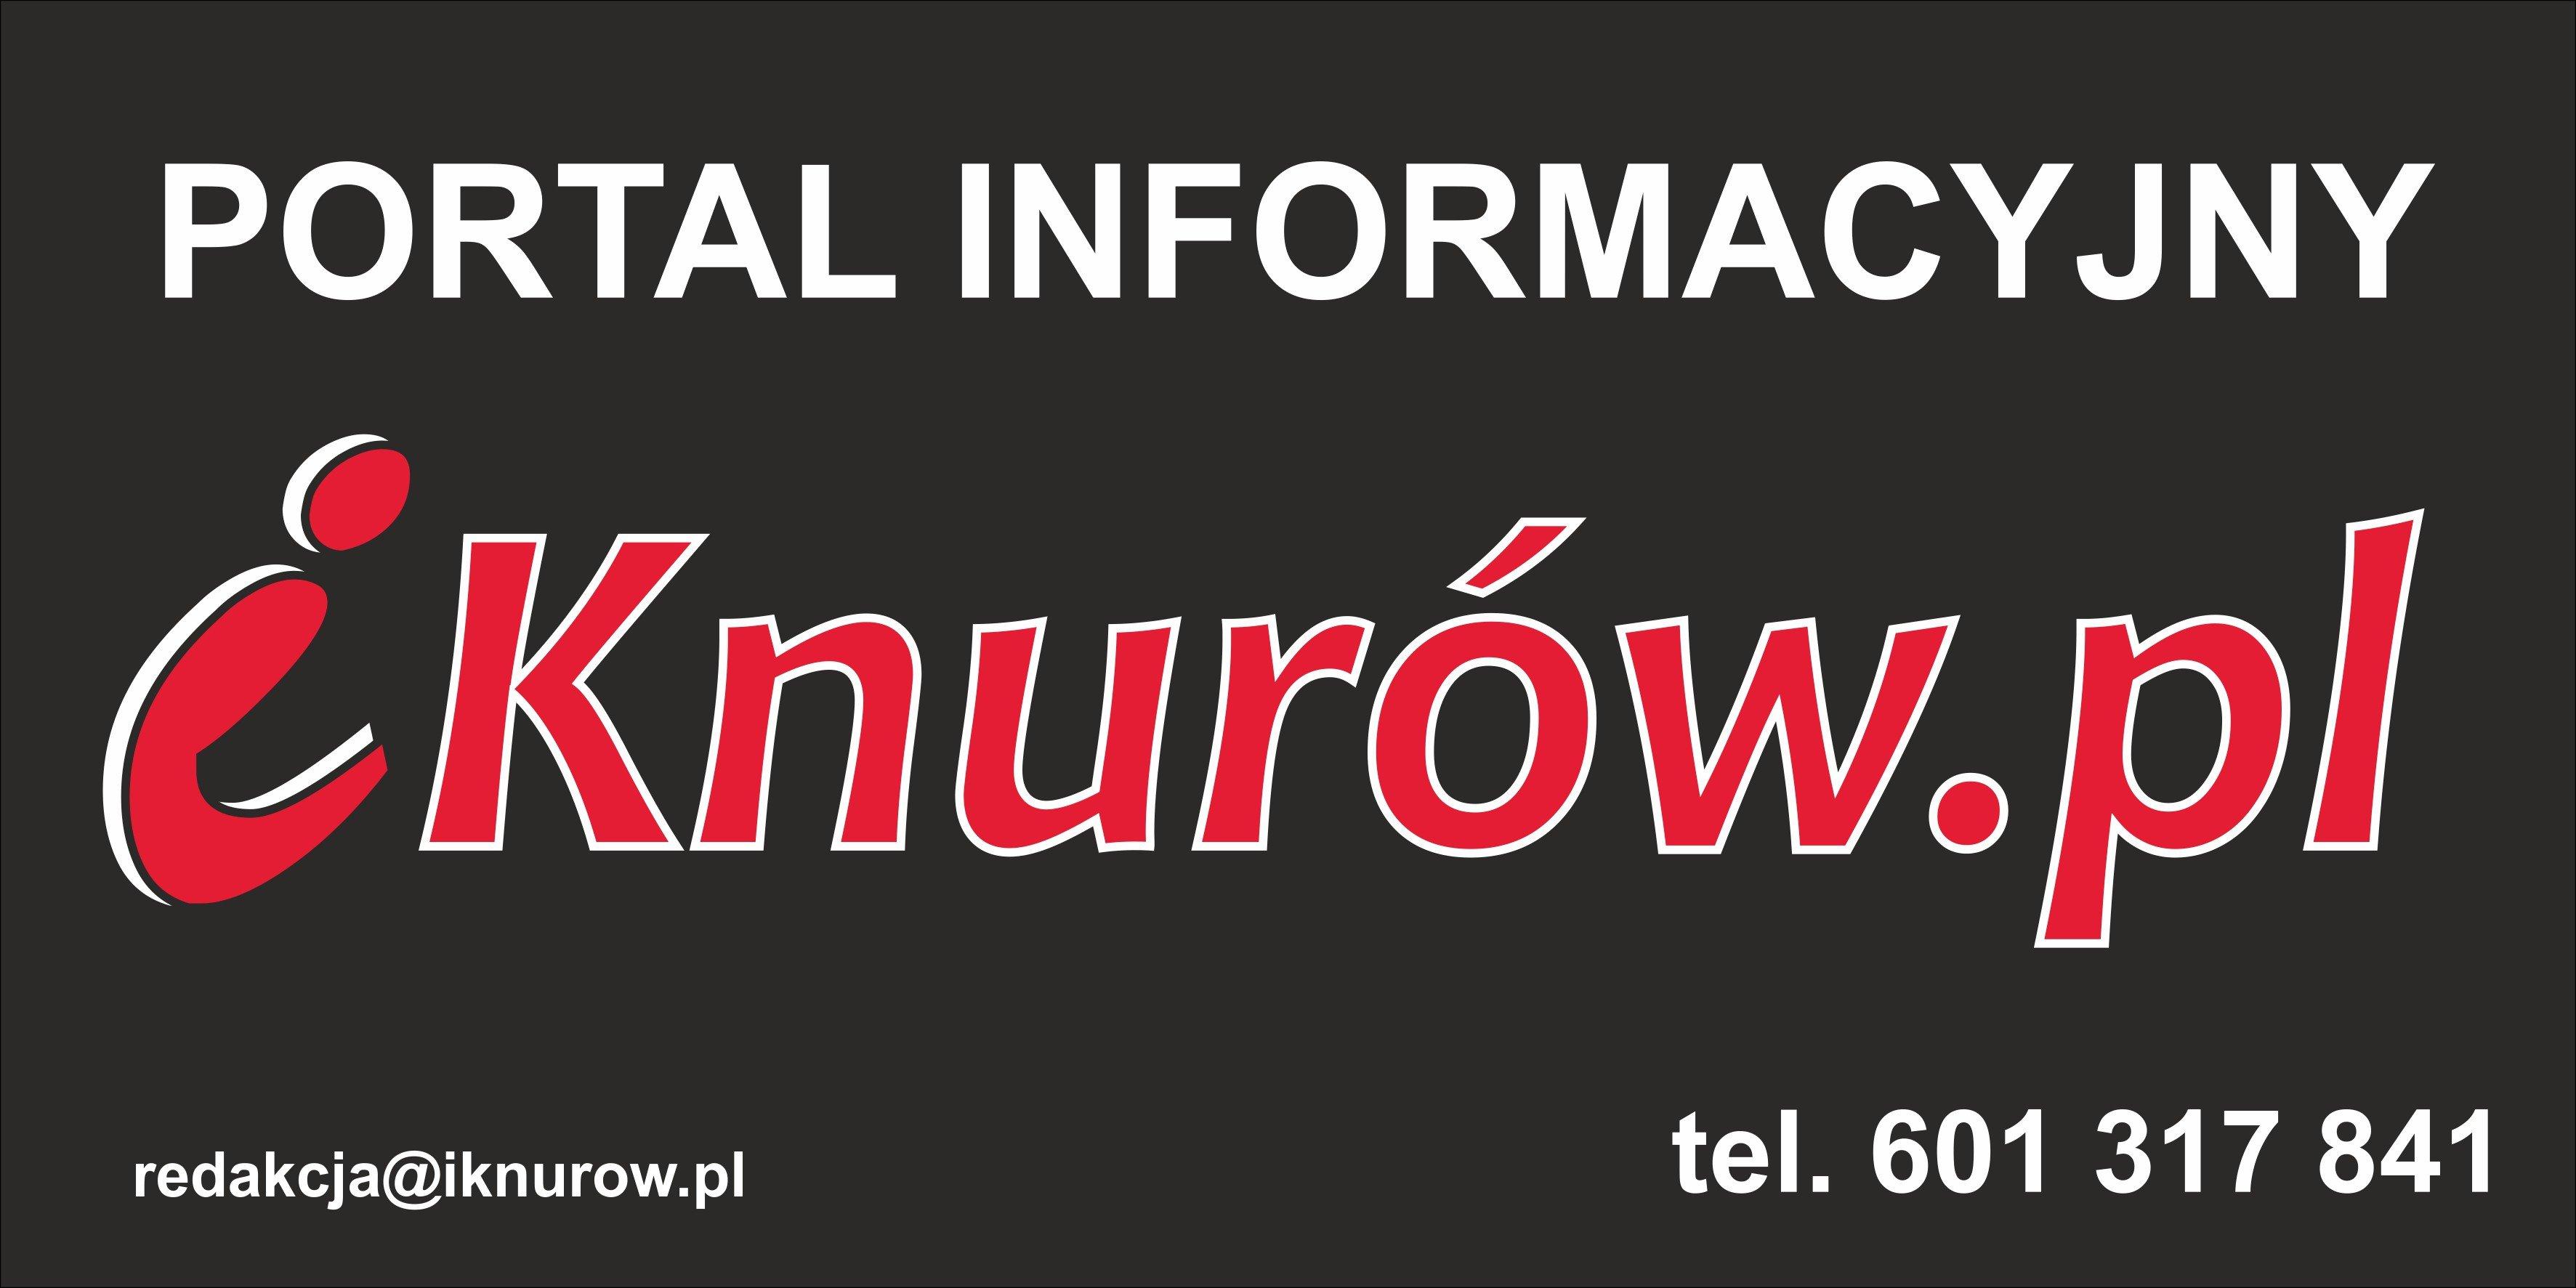 iknurow_new_redakcja